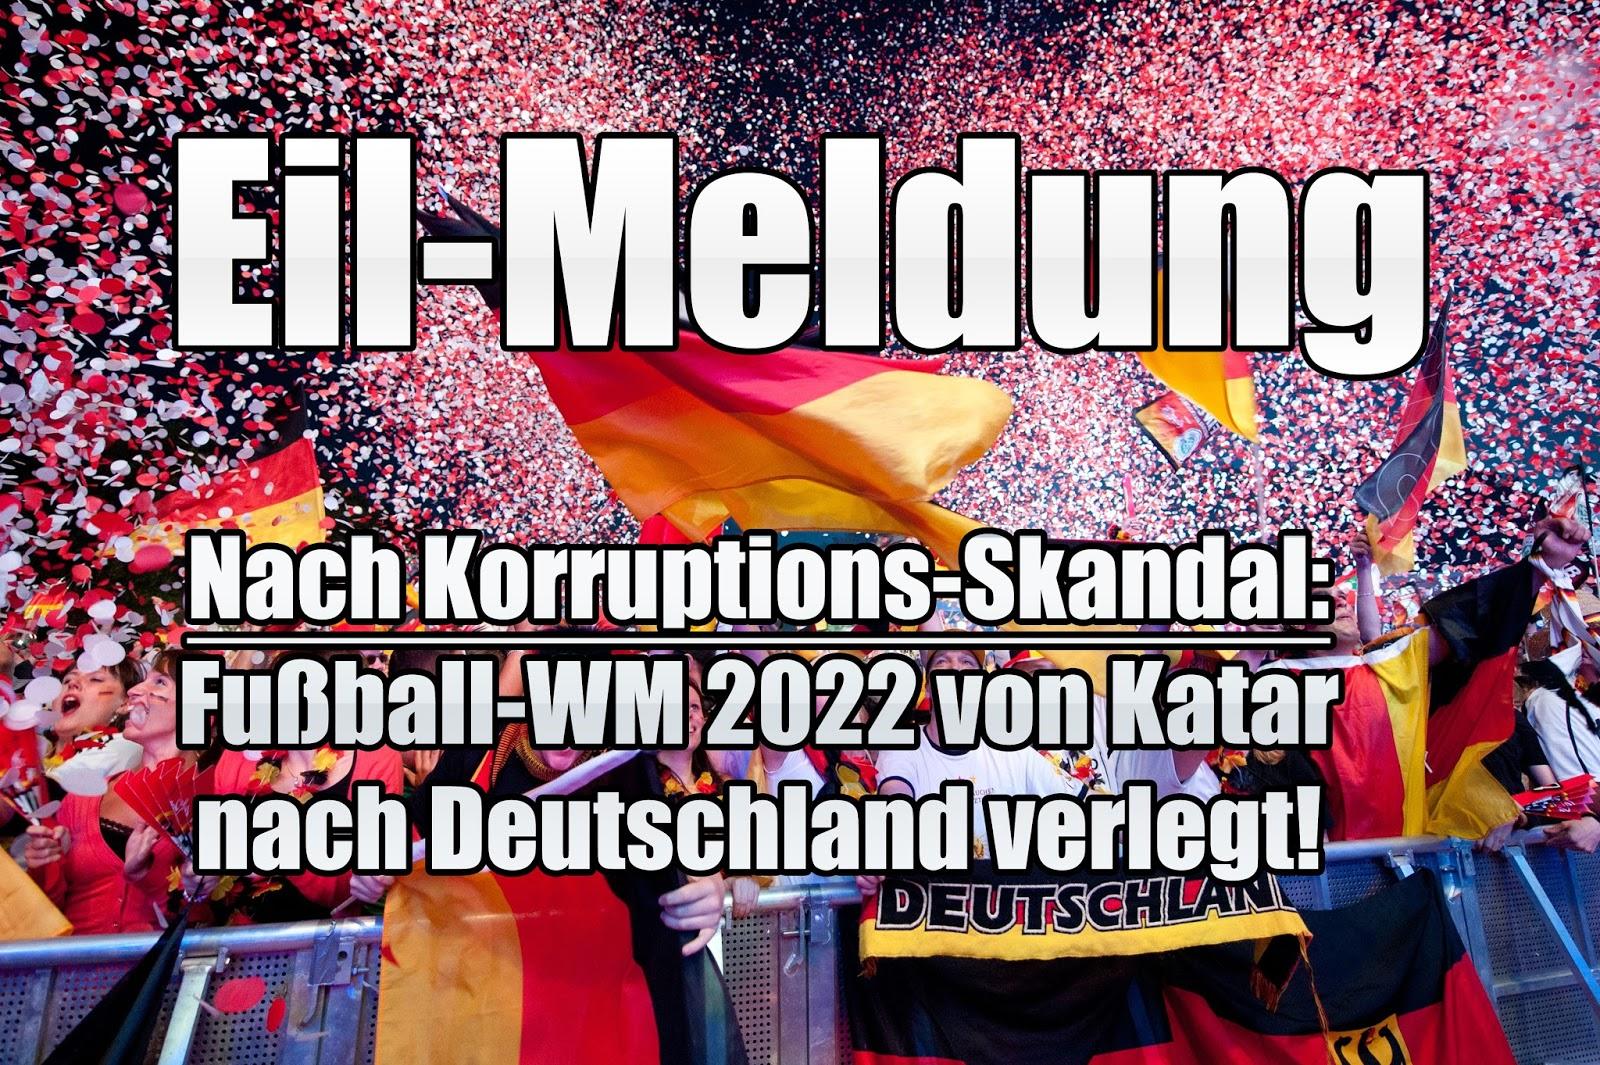 Lustige Bilder Deutschland Wm 2015 - Tag: deutschland Lustige Bilder, Videos und Witze